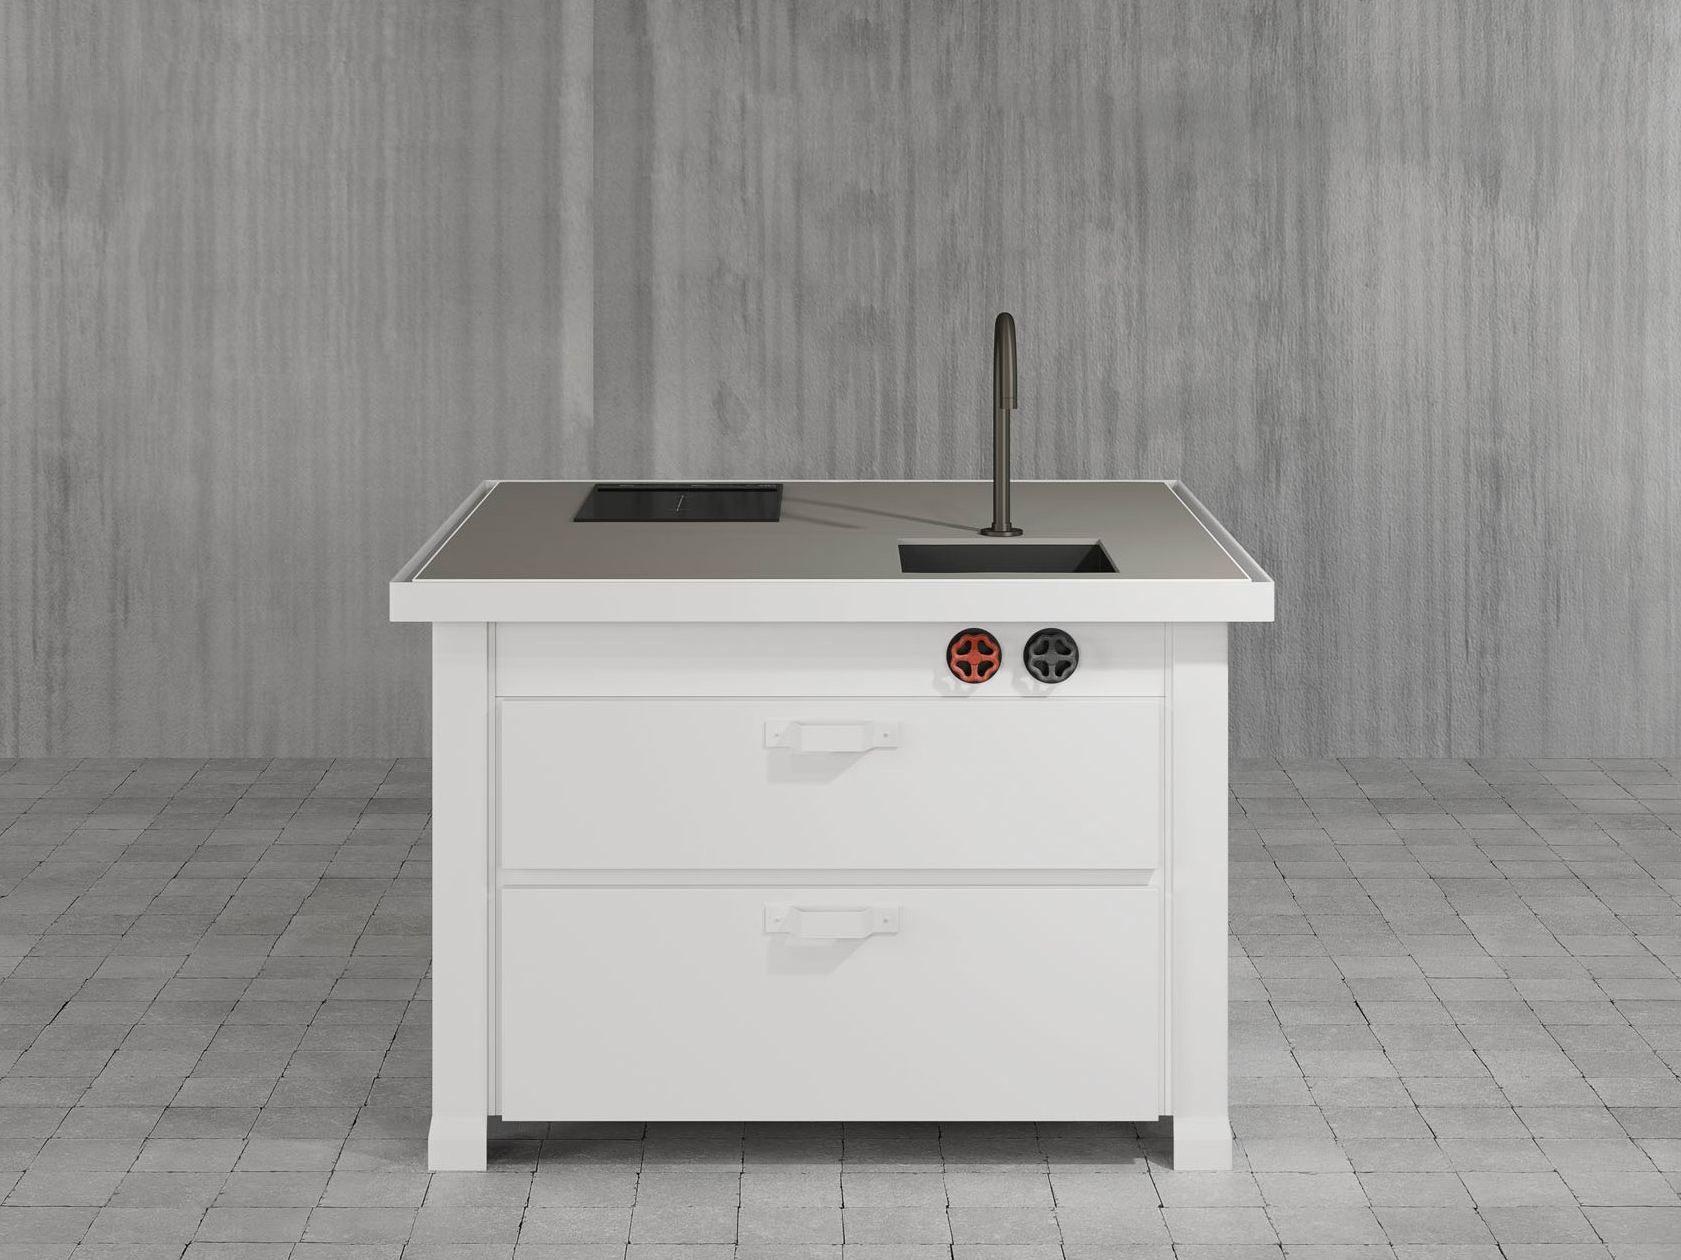 Mini-Küche aus Metall MINI MINÀ By Minacciolo Design Silvio Stefani | {Miniküche design 59}